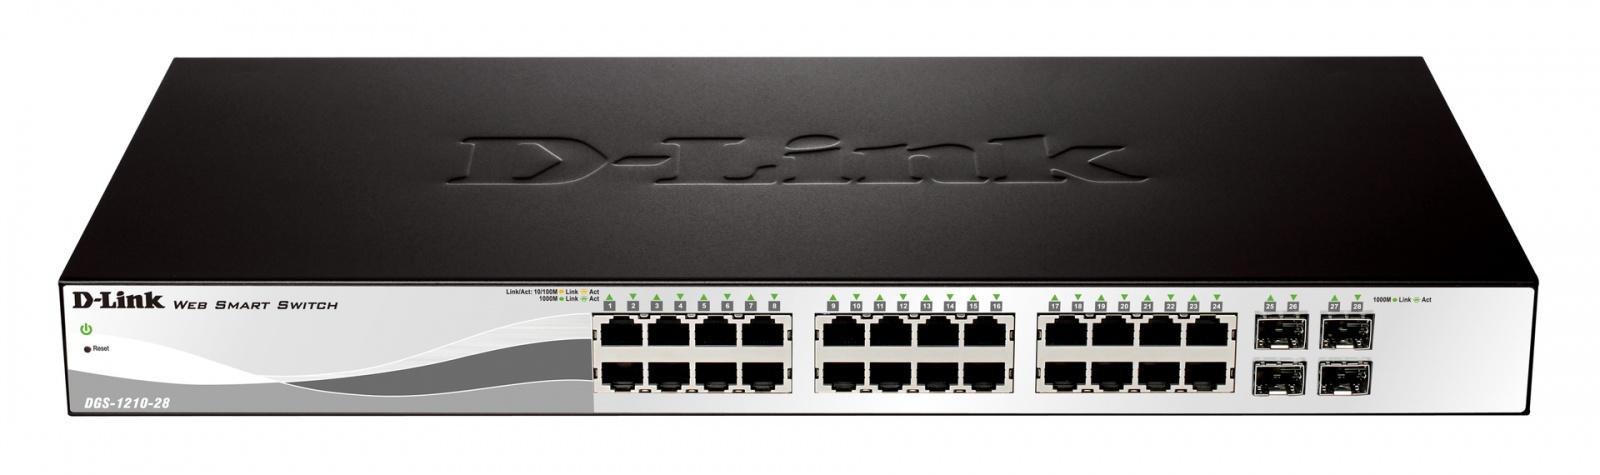 Чем заменить Cisco? Импортозамещение коммутаторов доступа - 4